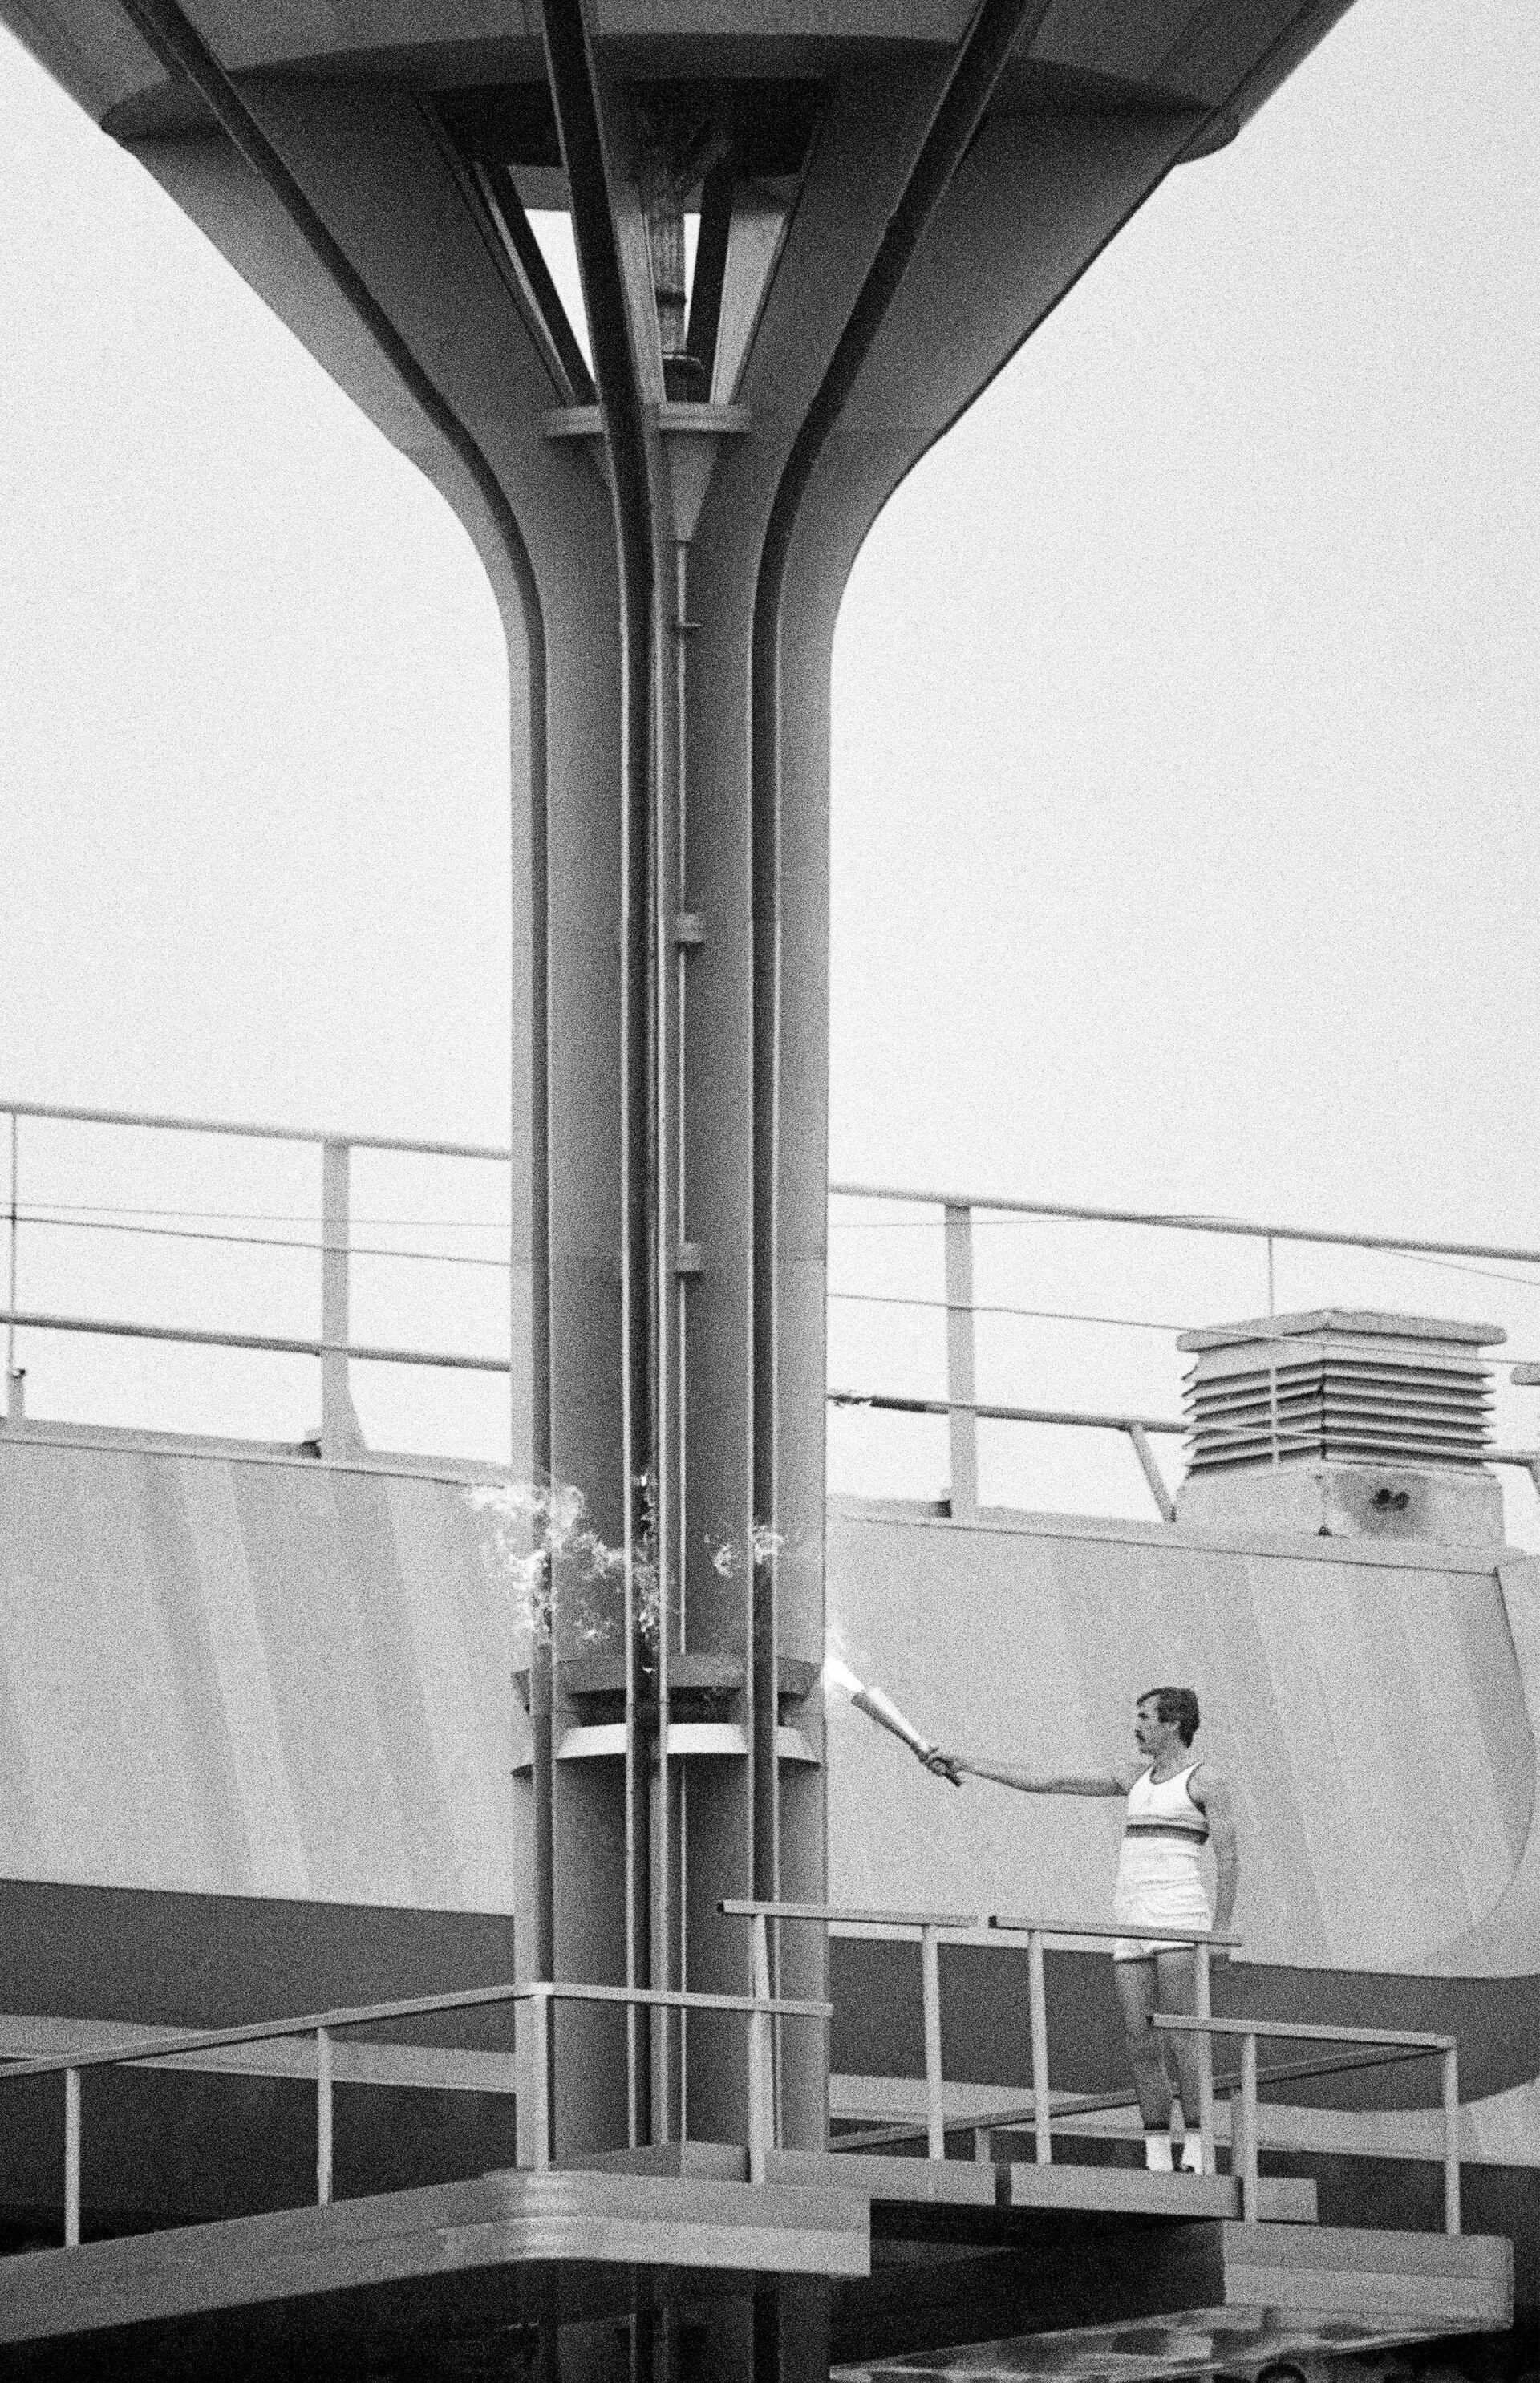 Баскетболист Сергей Белов зажигает олимпийский огонь на Играх 1980 года - РИА Новости, 1920, 18.07.2021